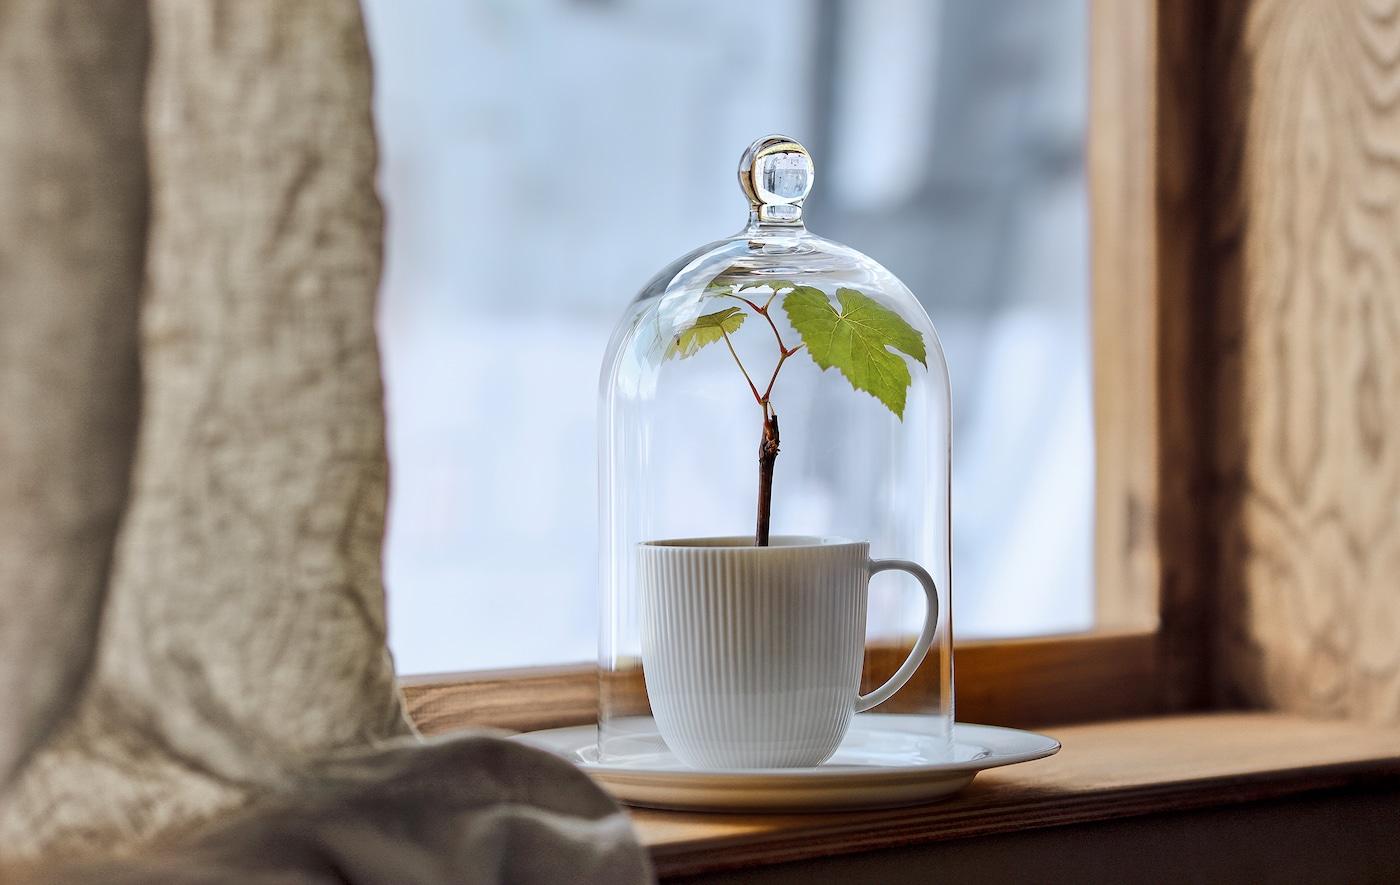 Une cloche en verre MORGONTID recouvre une petite plante qui pousse dans une tasse à thé posée sur un appui de fenêtre étroit. On aperçoit un paysage hivernal à l'arrière-plan.